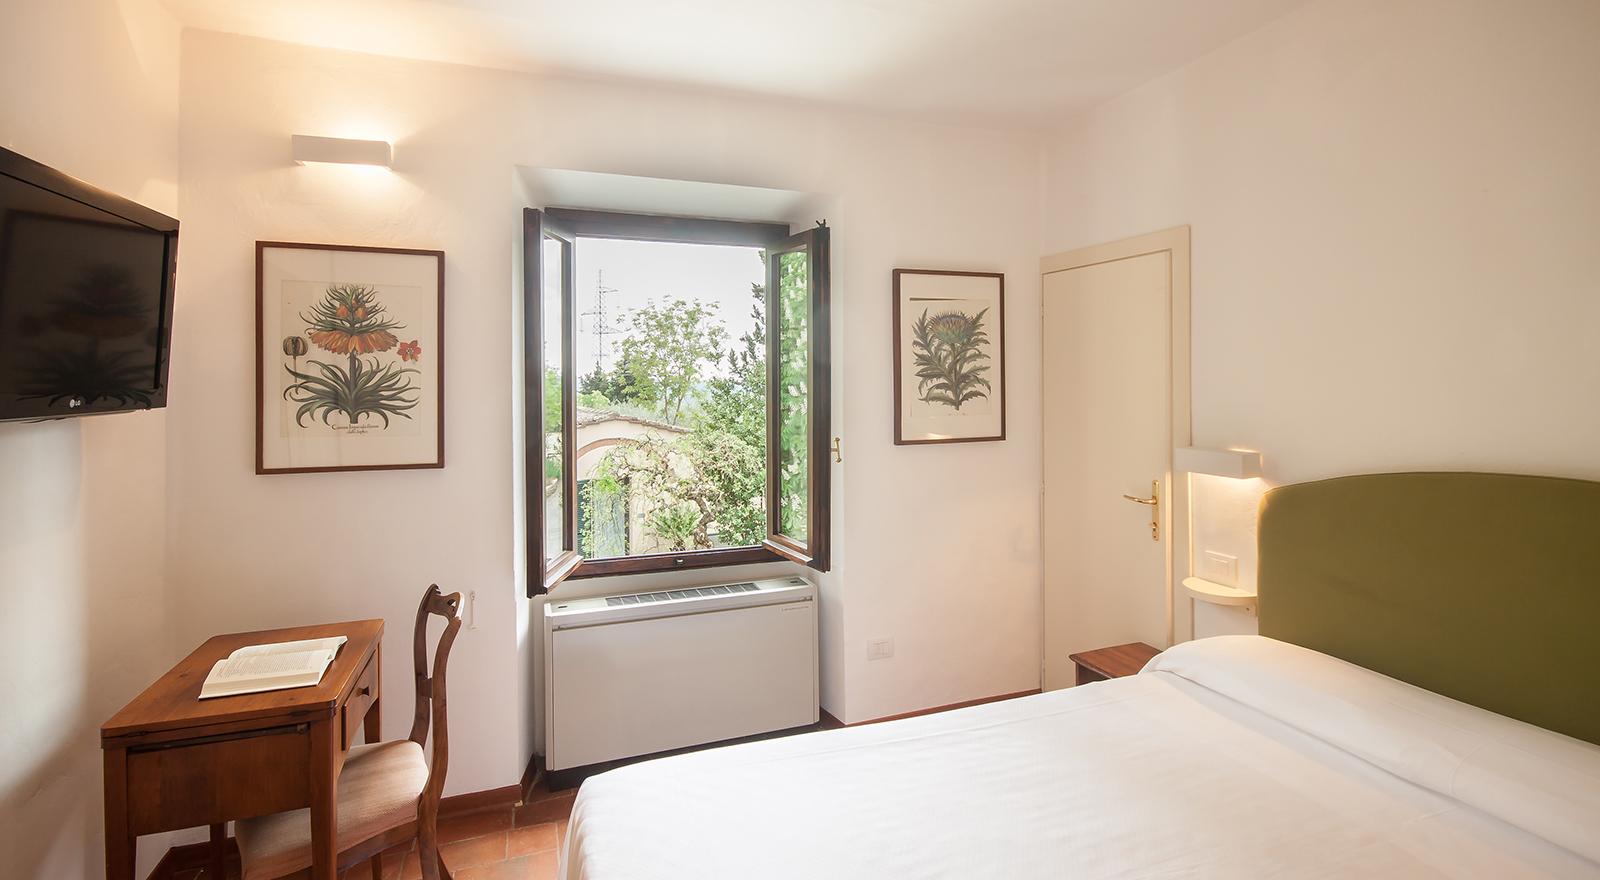 Camera economy alberghi a san casciano in val di pesa for Soggiorno a firenze economico